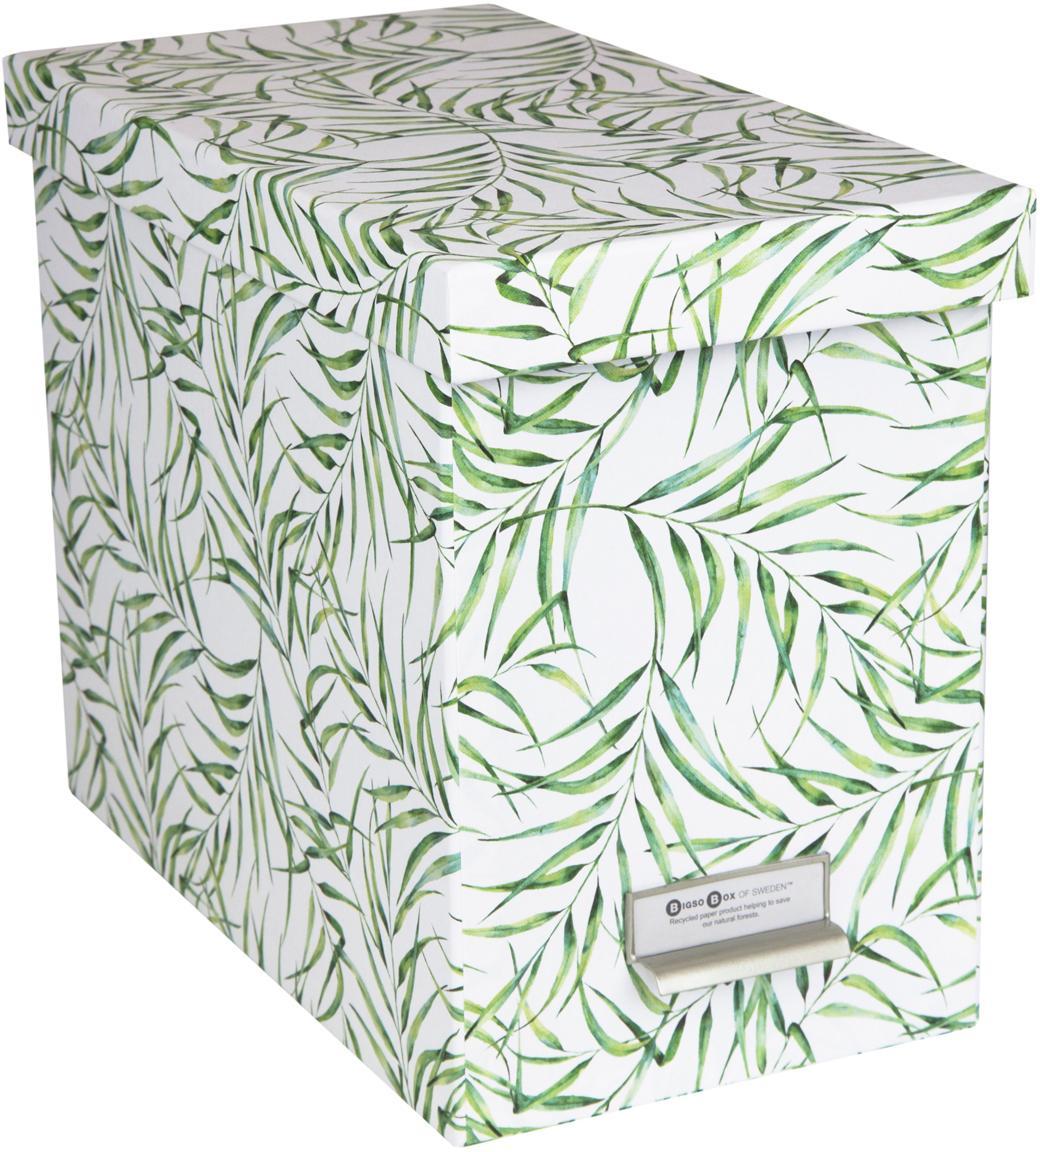 Hängeregister-Box Johan, 9-tlg., Organizer: Fester, laminierter Karto, Weiss, Grün, 19 x 27 cm